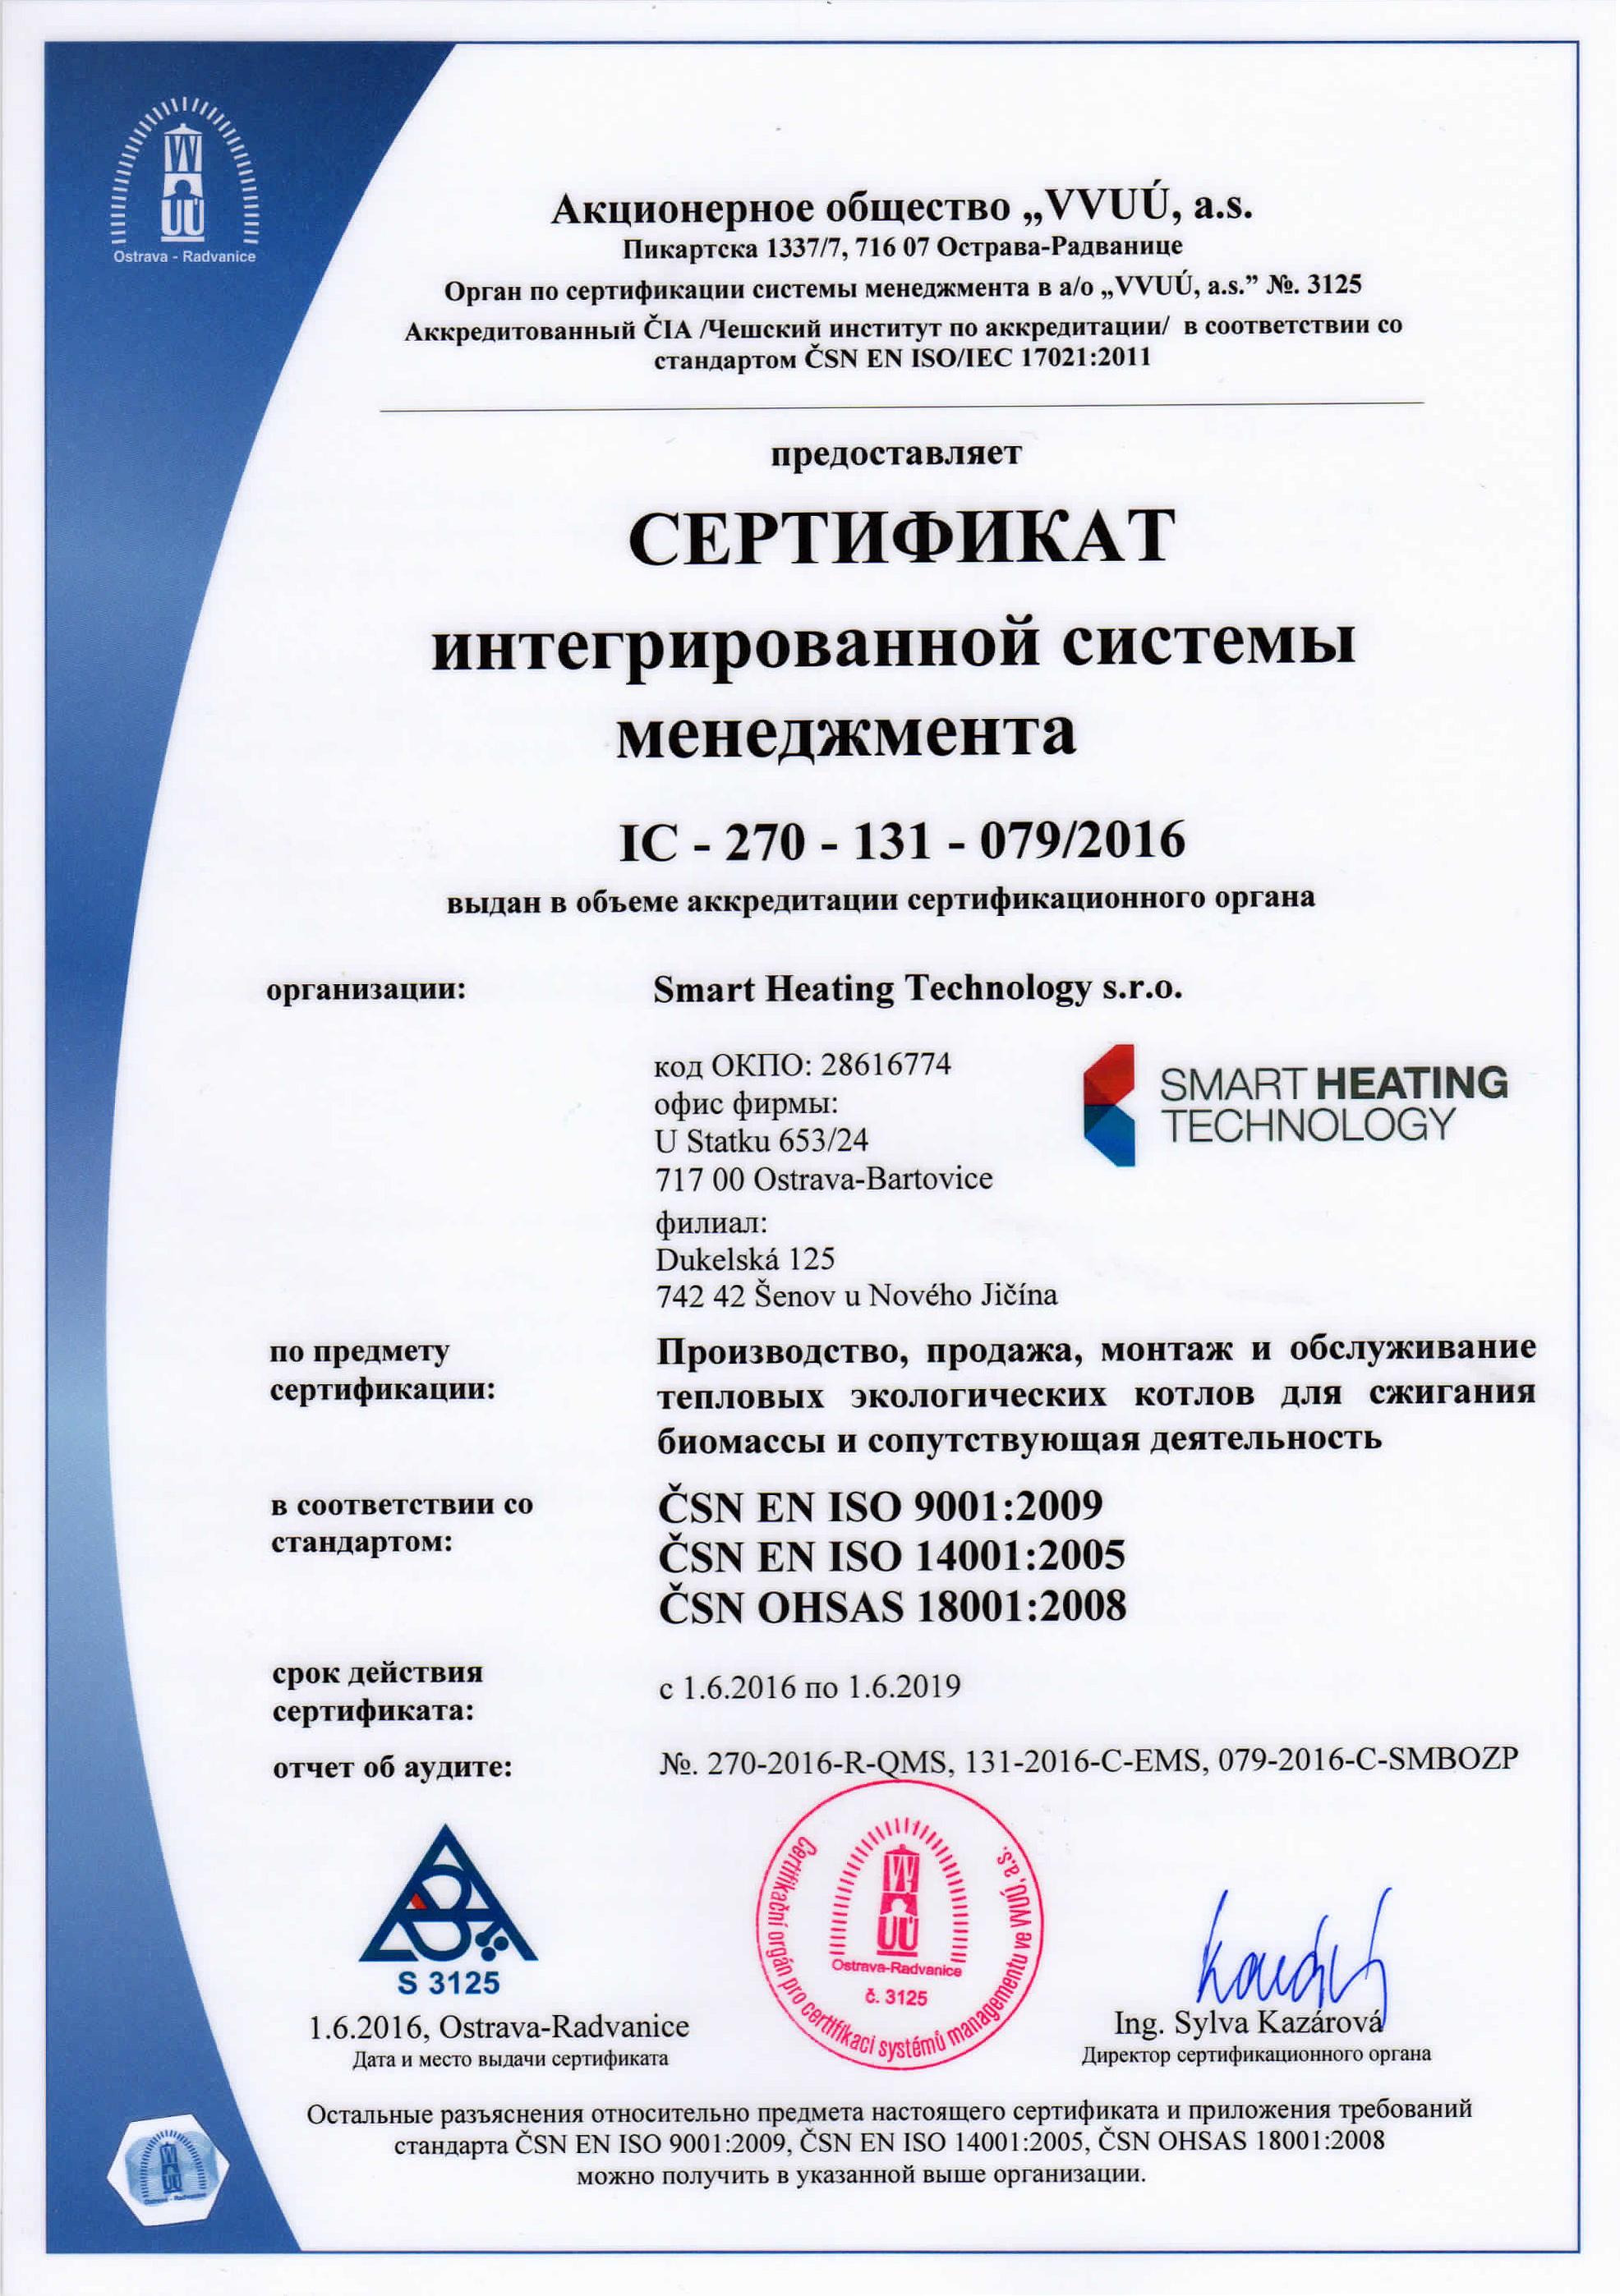 certifikat-ic_270_131_079_2016-ru